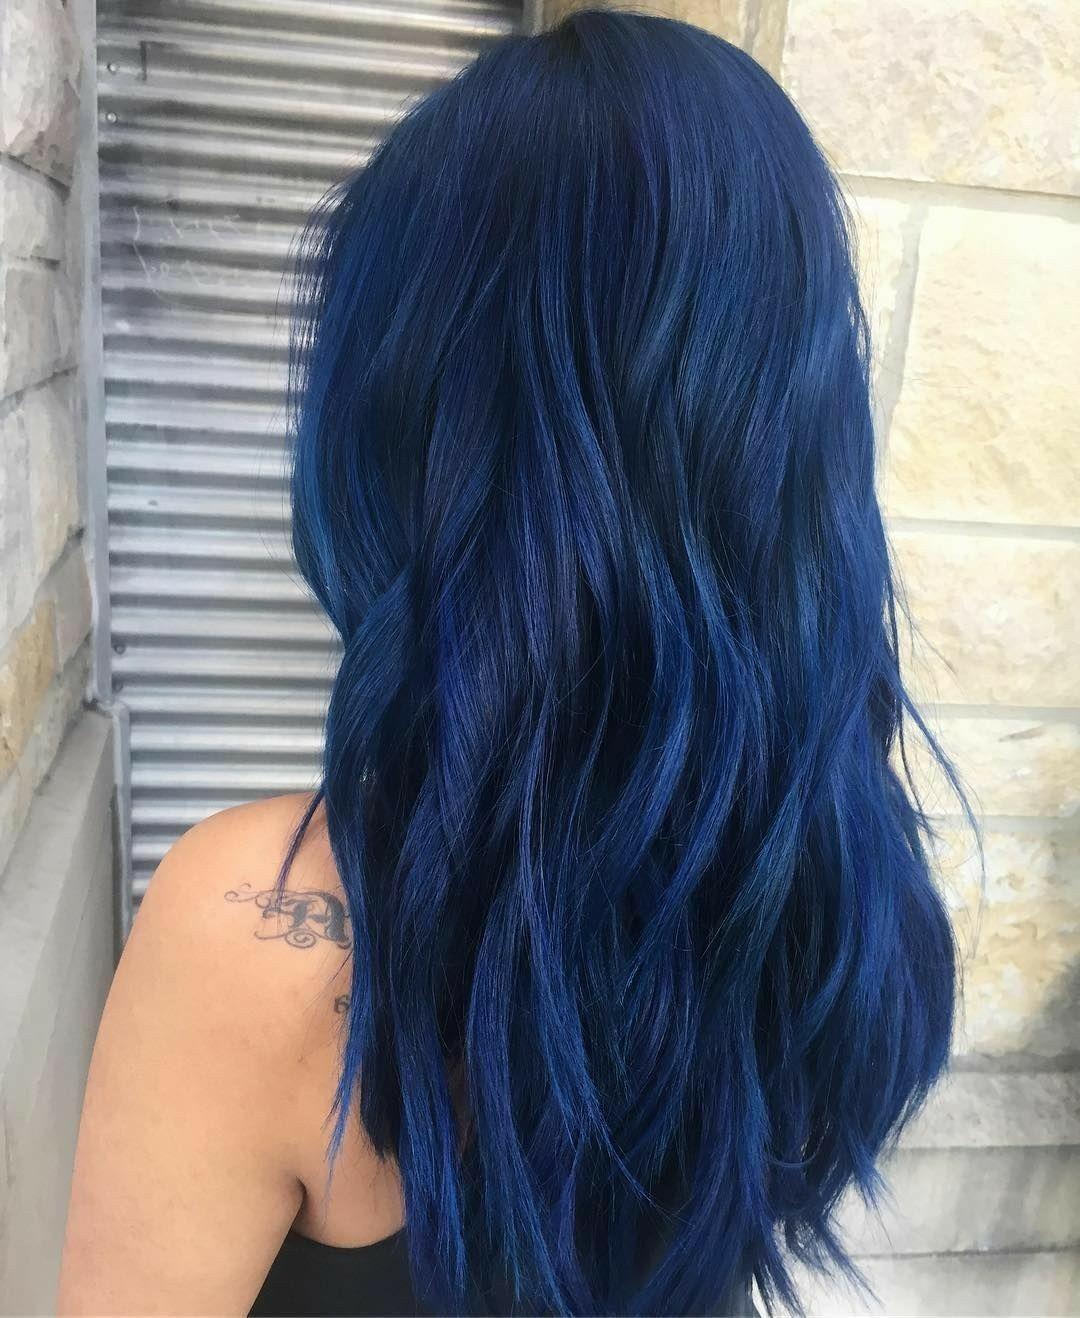 Jadealyciainc jadealycia hair ideas pinterest cabello